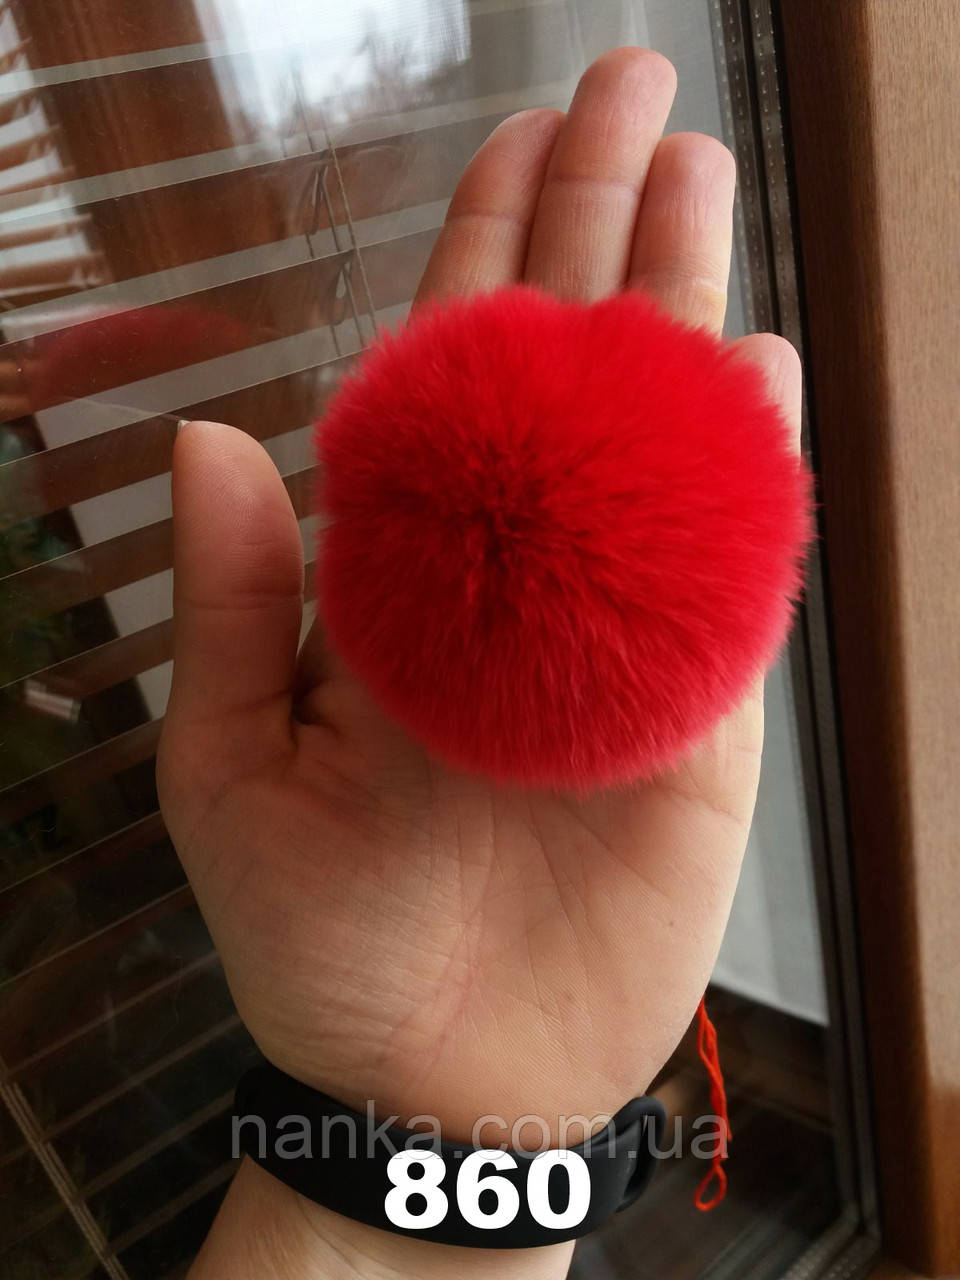 Меховой помпон Кролик РЕКС, Красный, 6/7 см, 860